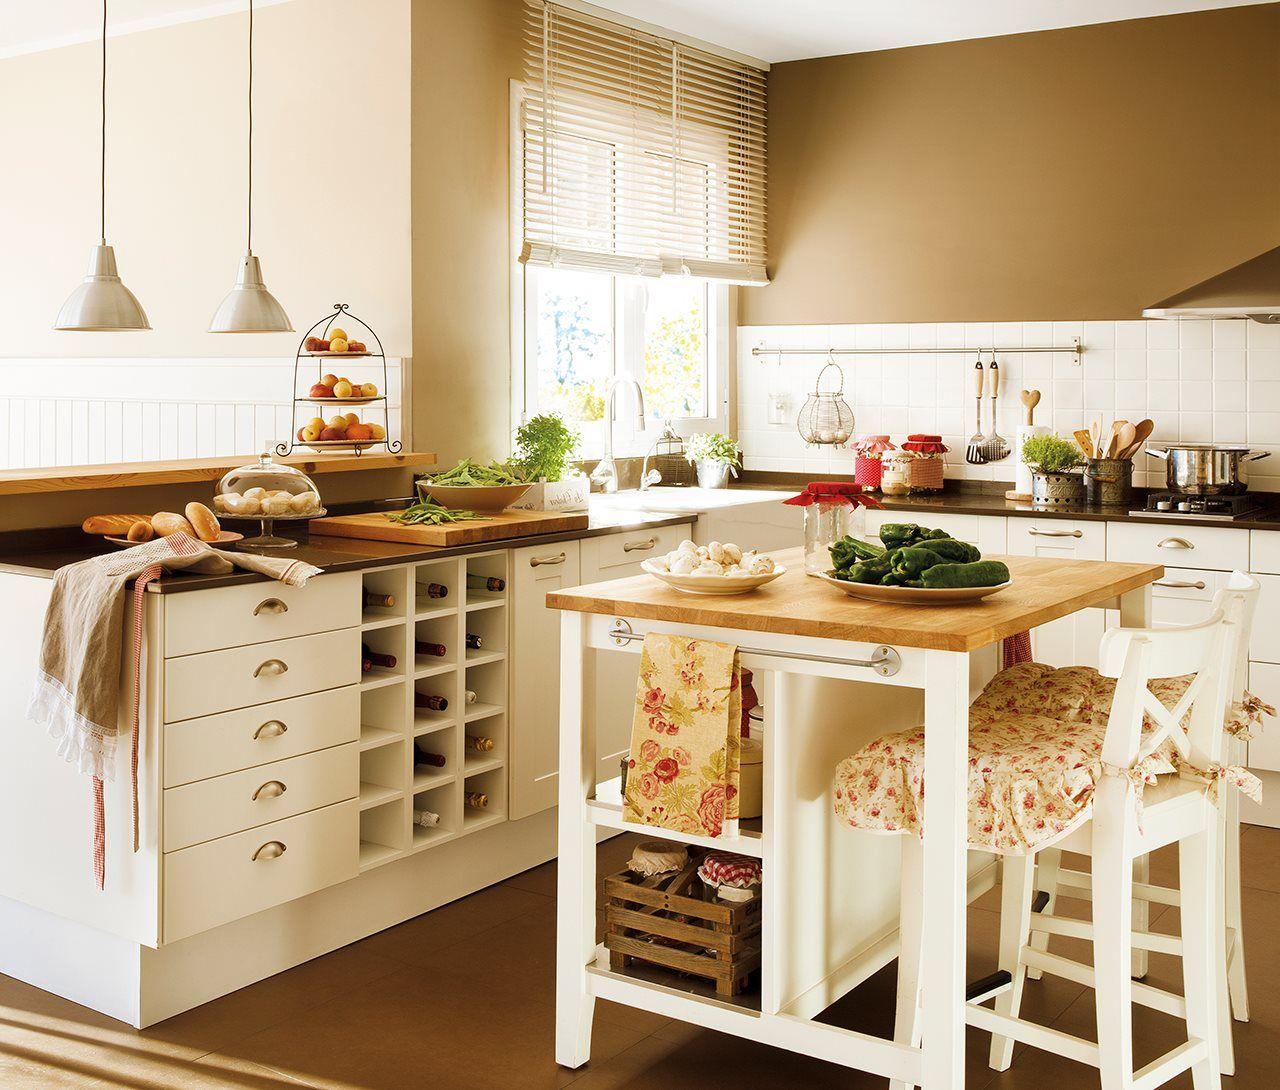 10 cocinas pequeñas con maxi ideas | Cocina con isla central ...